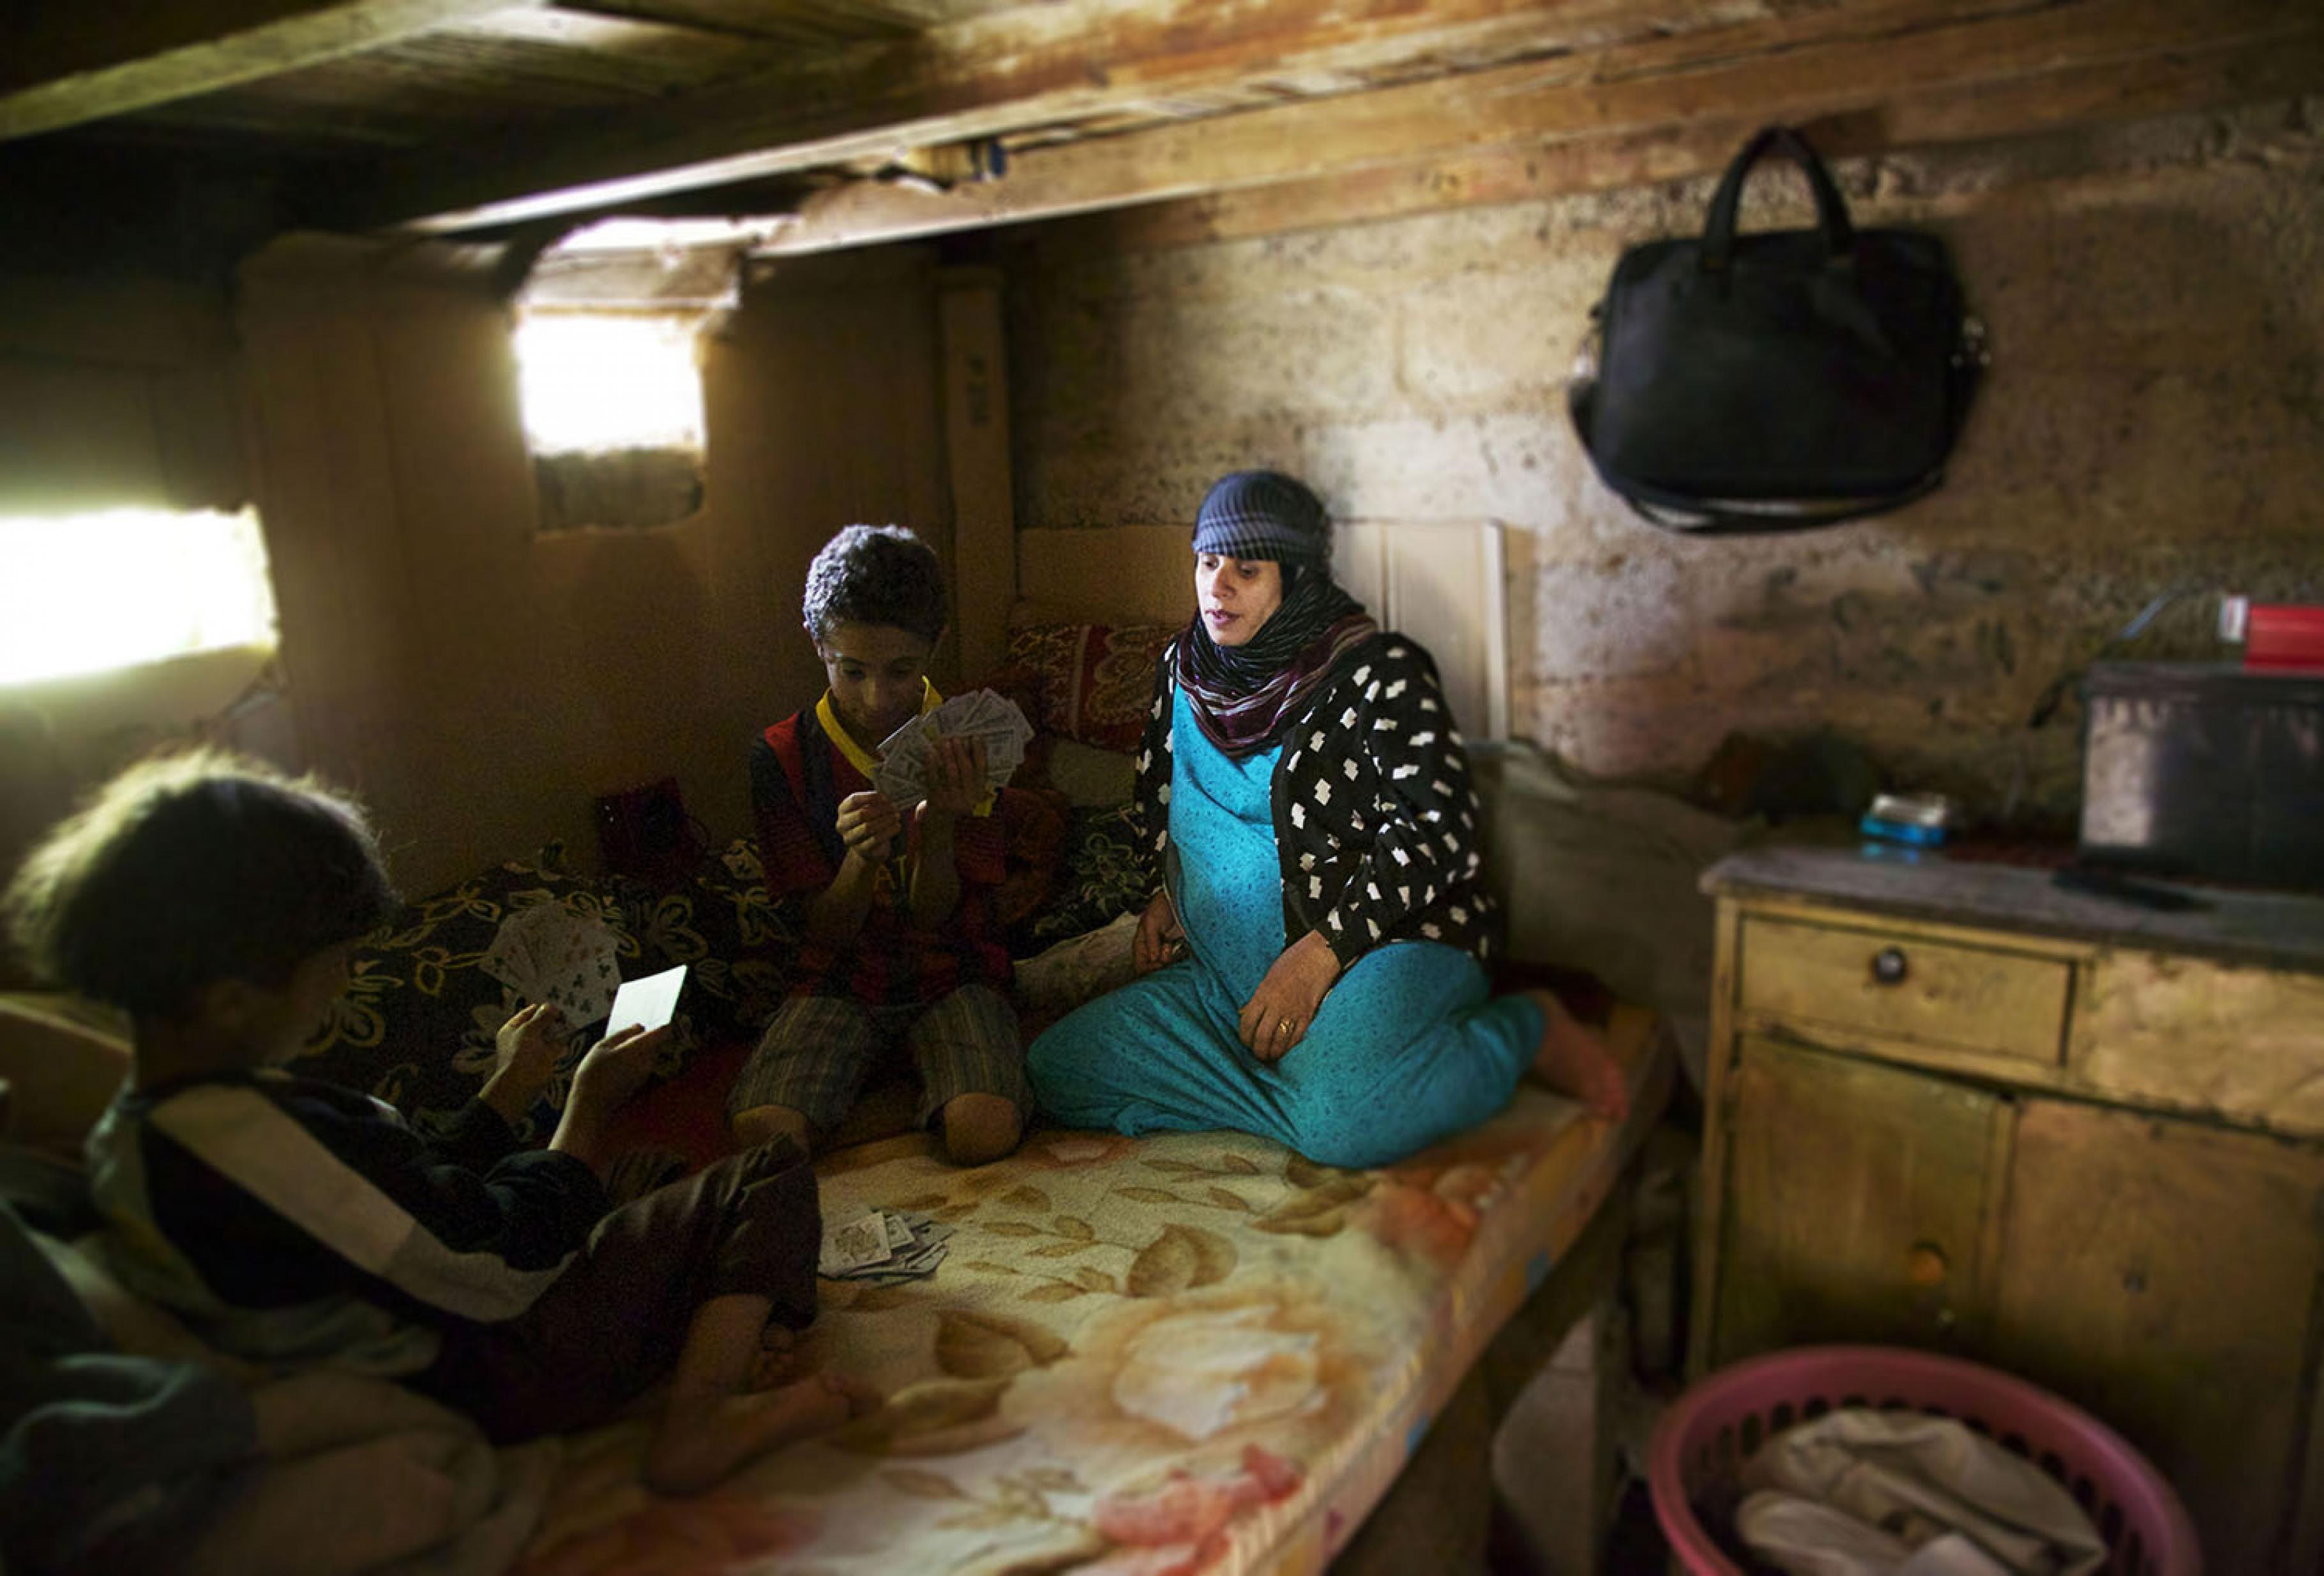 Katiba sitzt mit ihren Söhnen zusammen und spielt Karten.